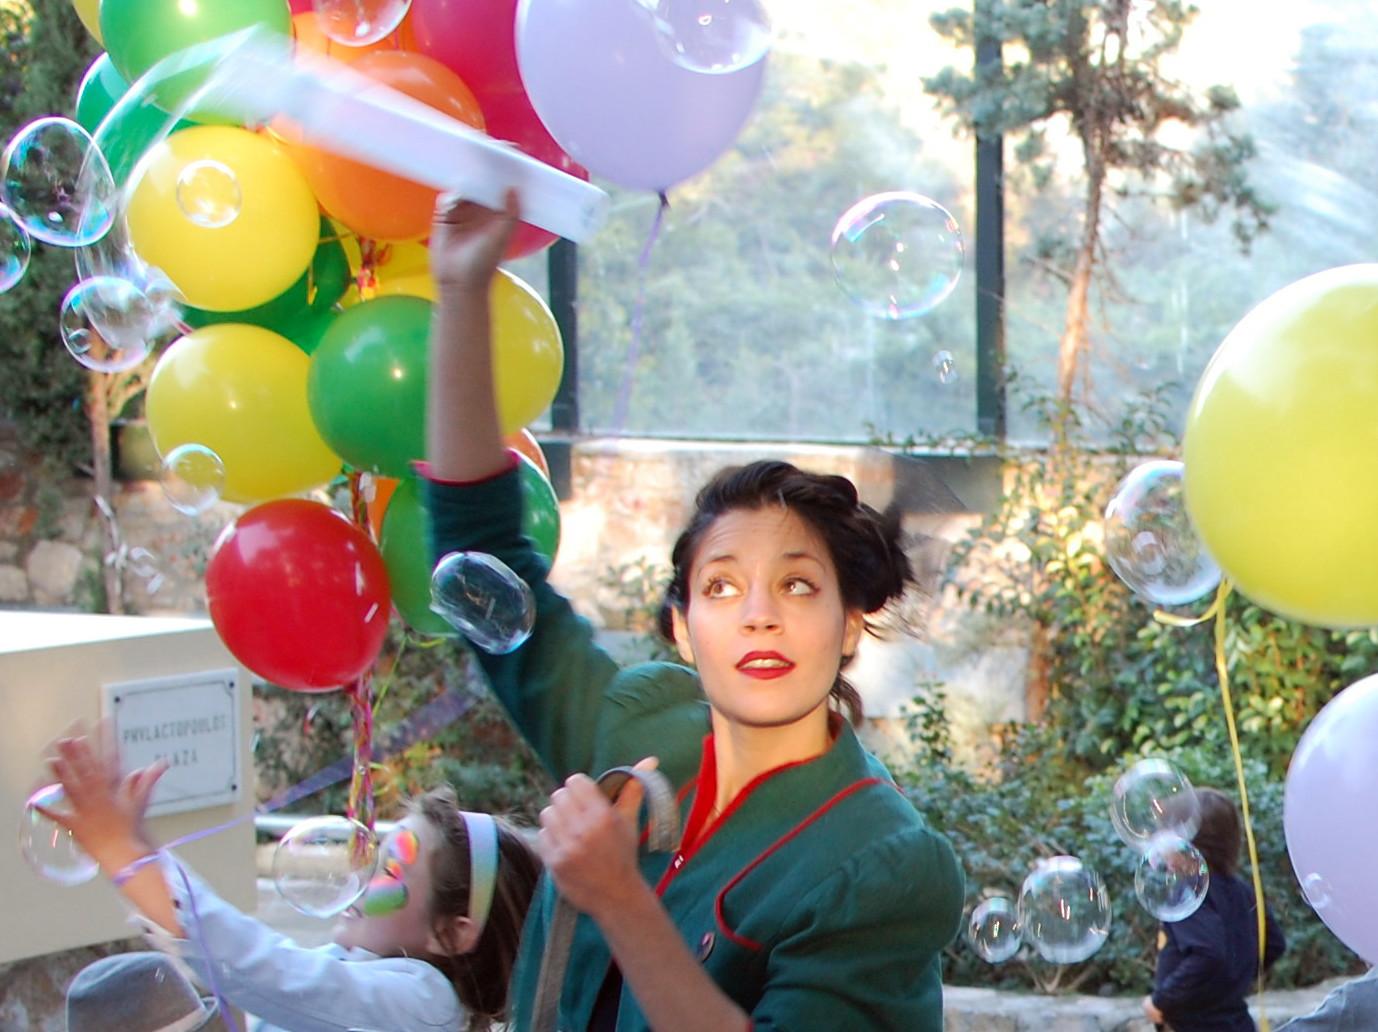 Ανιματέρ φτιάχνει σαπουνόφουσκες που σπάνε τα παιδιά σε παιδικό πάρτυ.